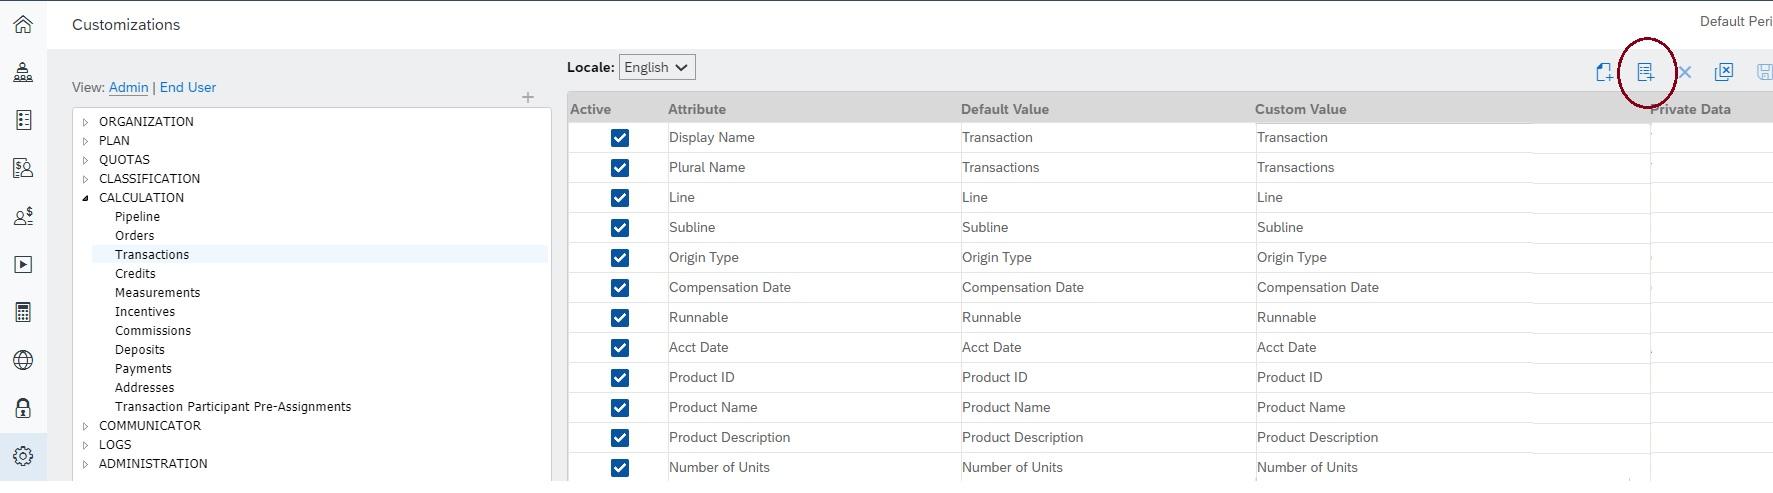 Customization%20workspace